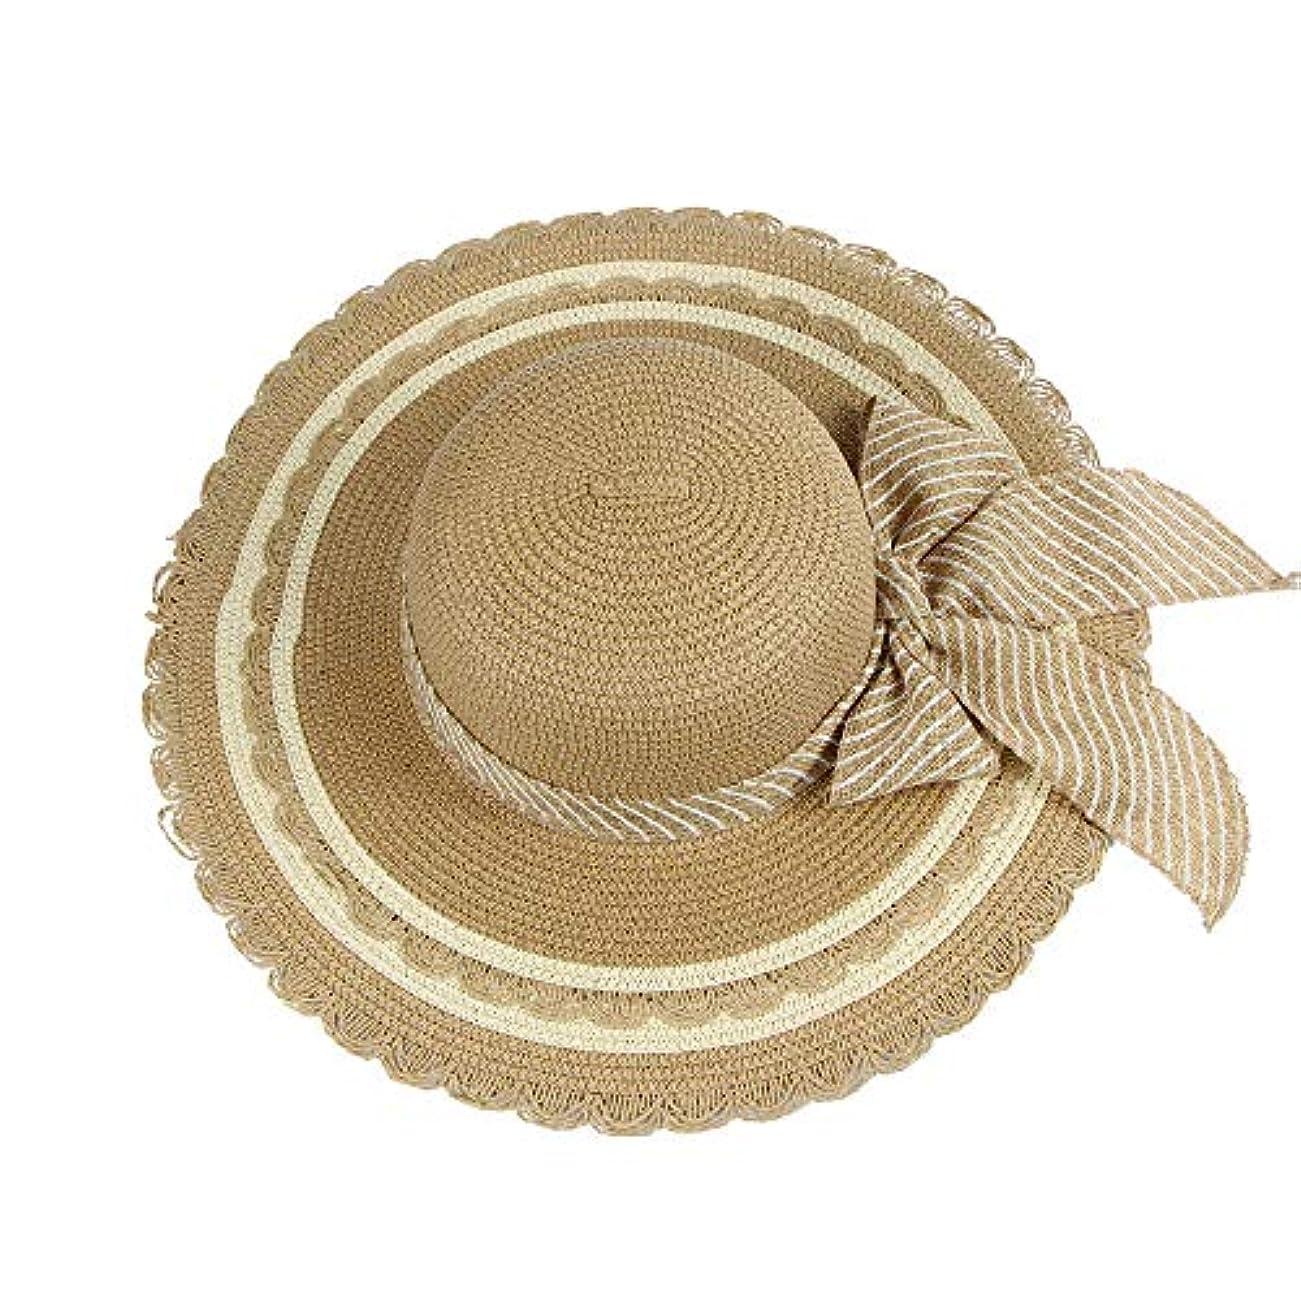 封筒首謀者船員帽子 レディース UVカット 帽子 麦わら帽子 UV帽子 紫外線対策 折りたたみ つば広 ワイヤ入り uvカット帽子 春夏 レディース 通気性 ニット帽 マニュアル キャップ レディース 大きいサイズ ROSE ROMAN